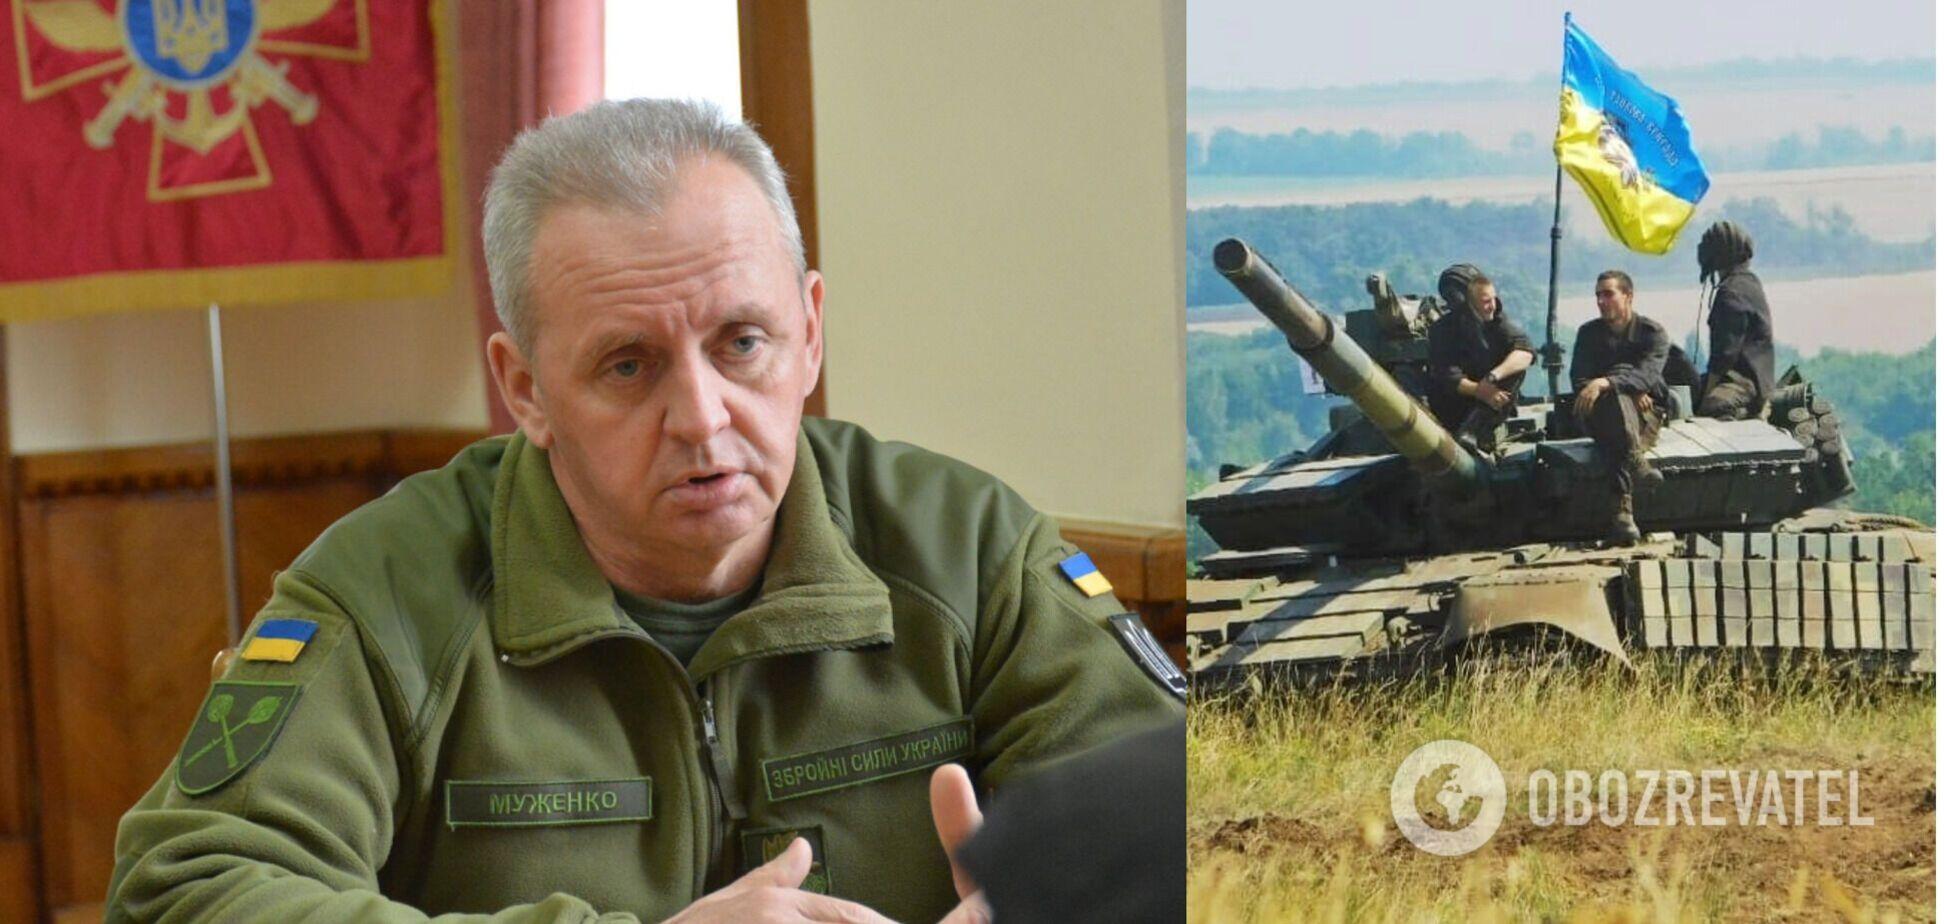 Муженко назвал условие для победы Украины над Россией